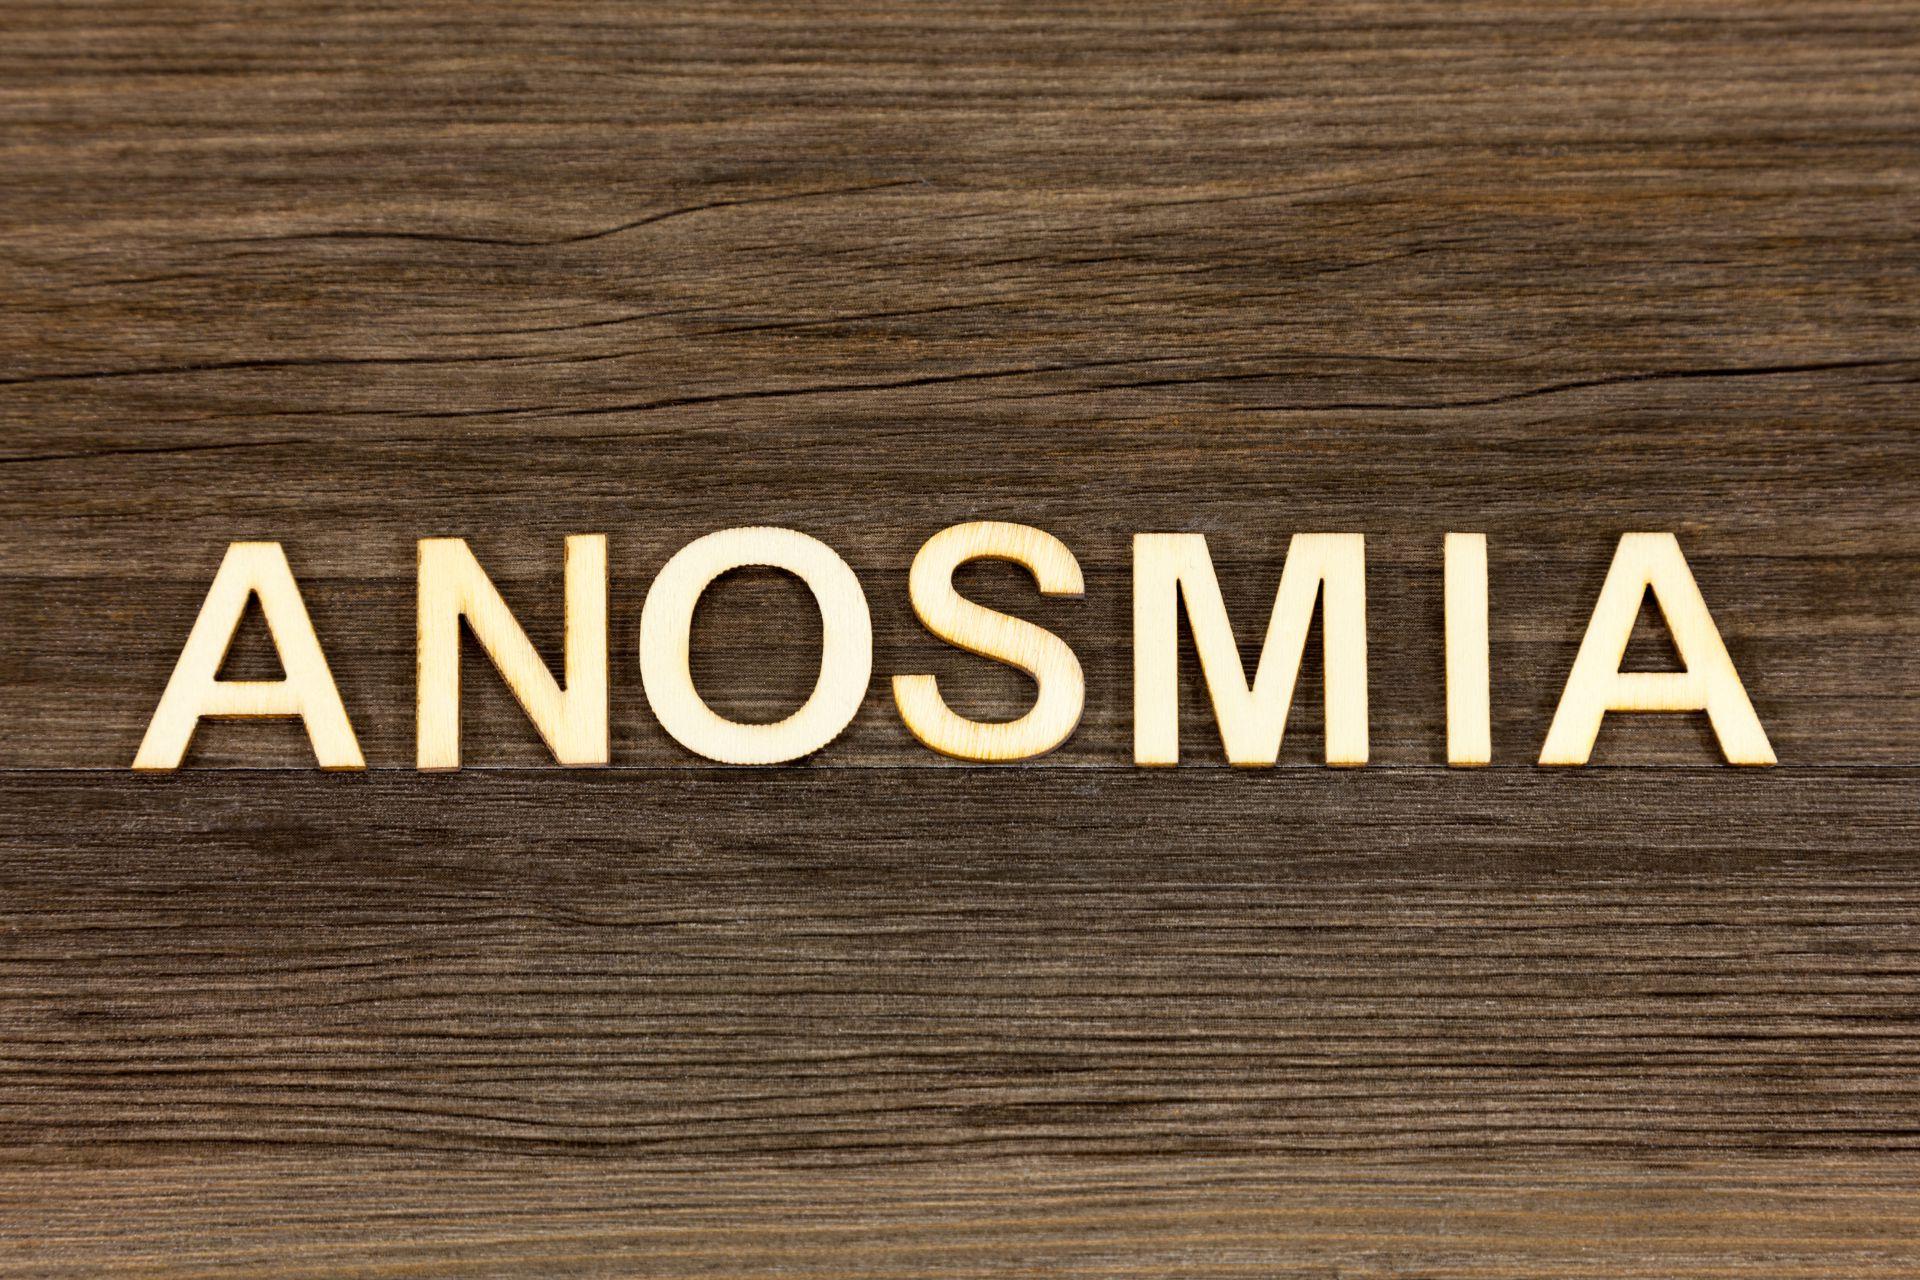 Mengenal Anosmia, Salah Satu Gejala Covid-19